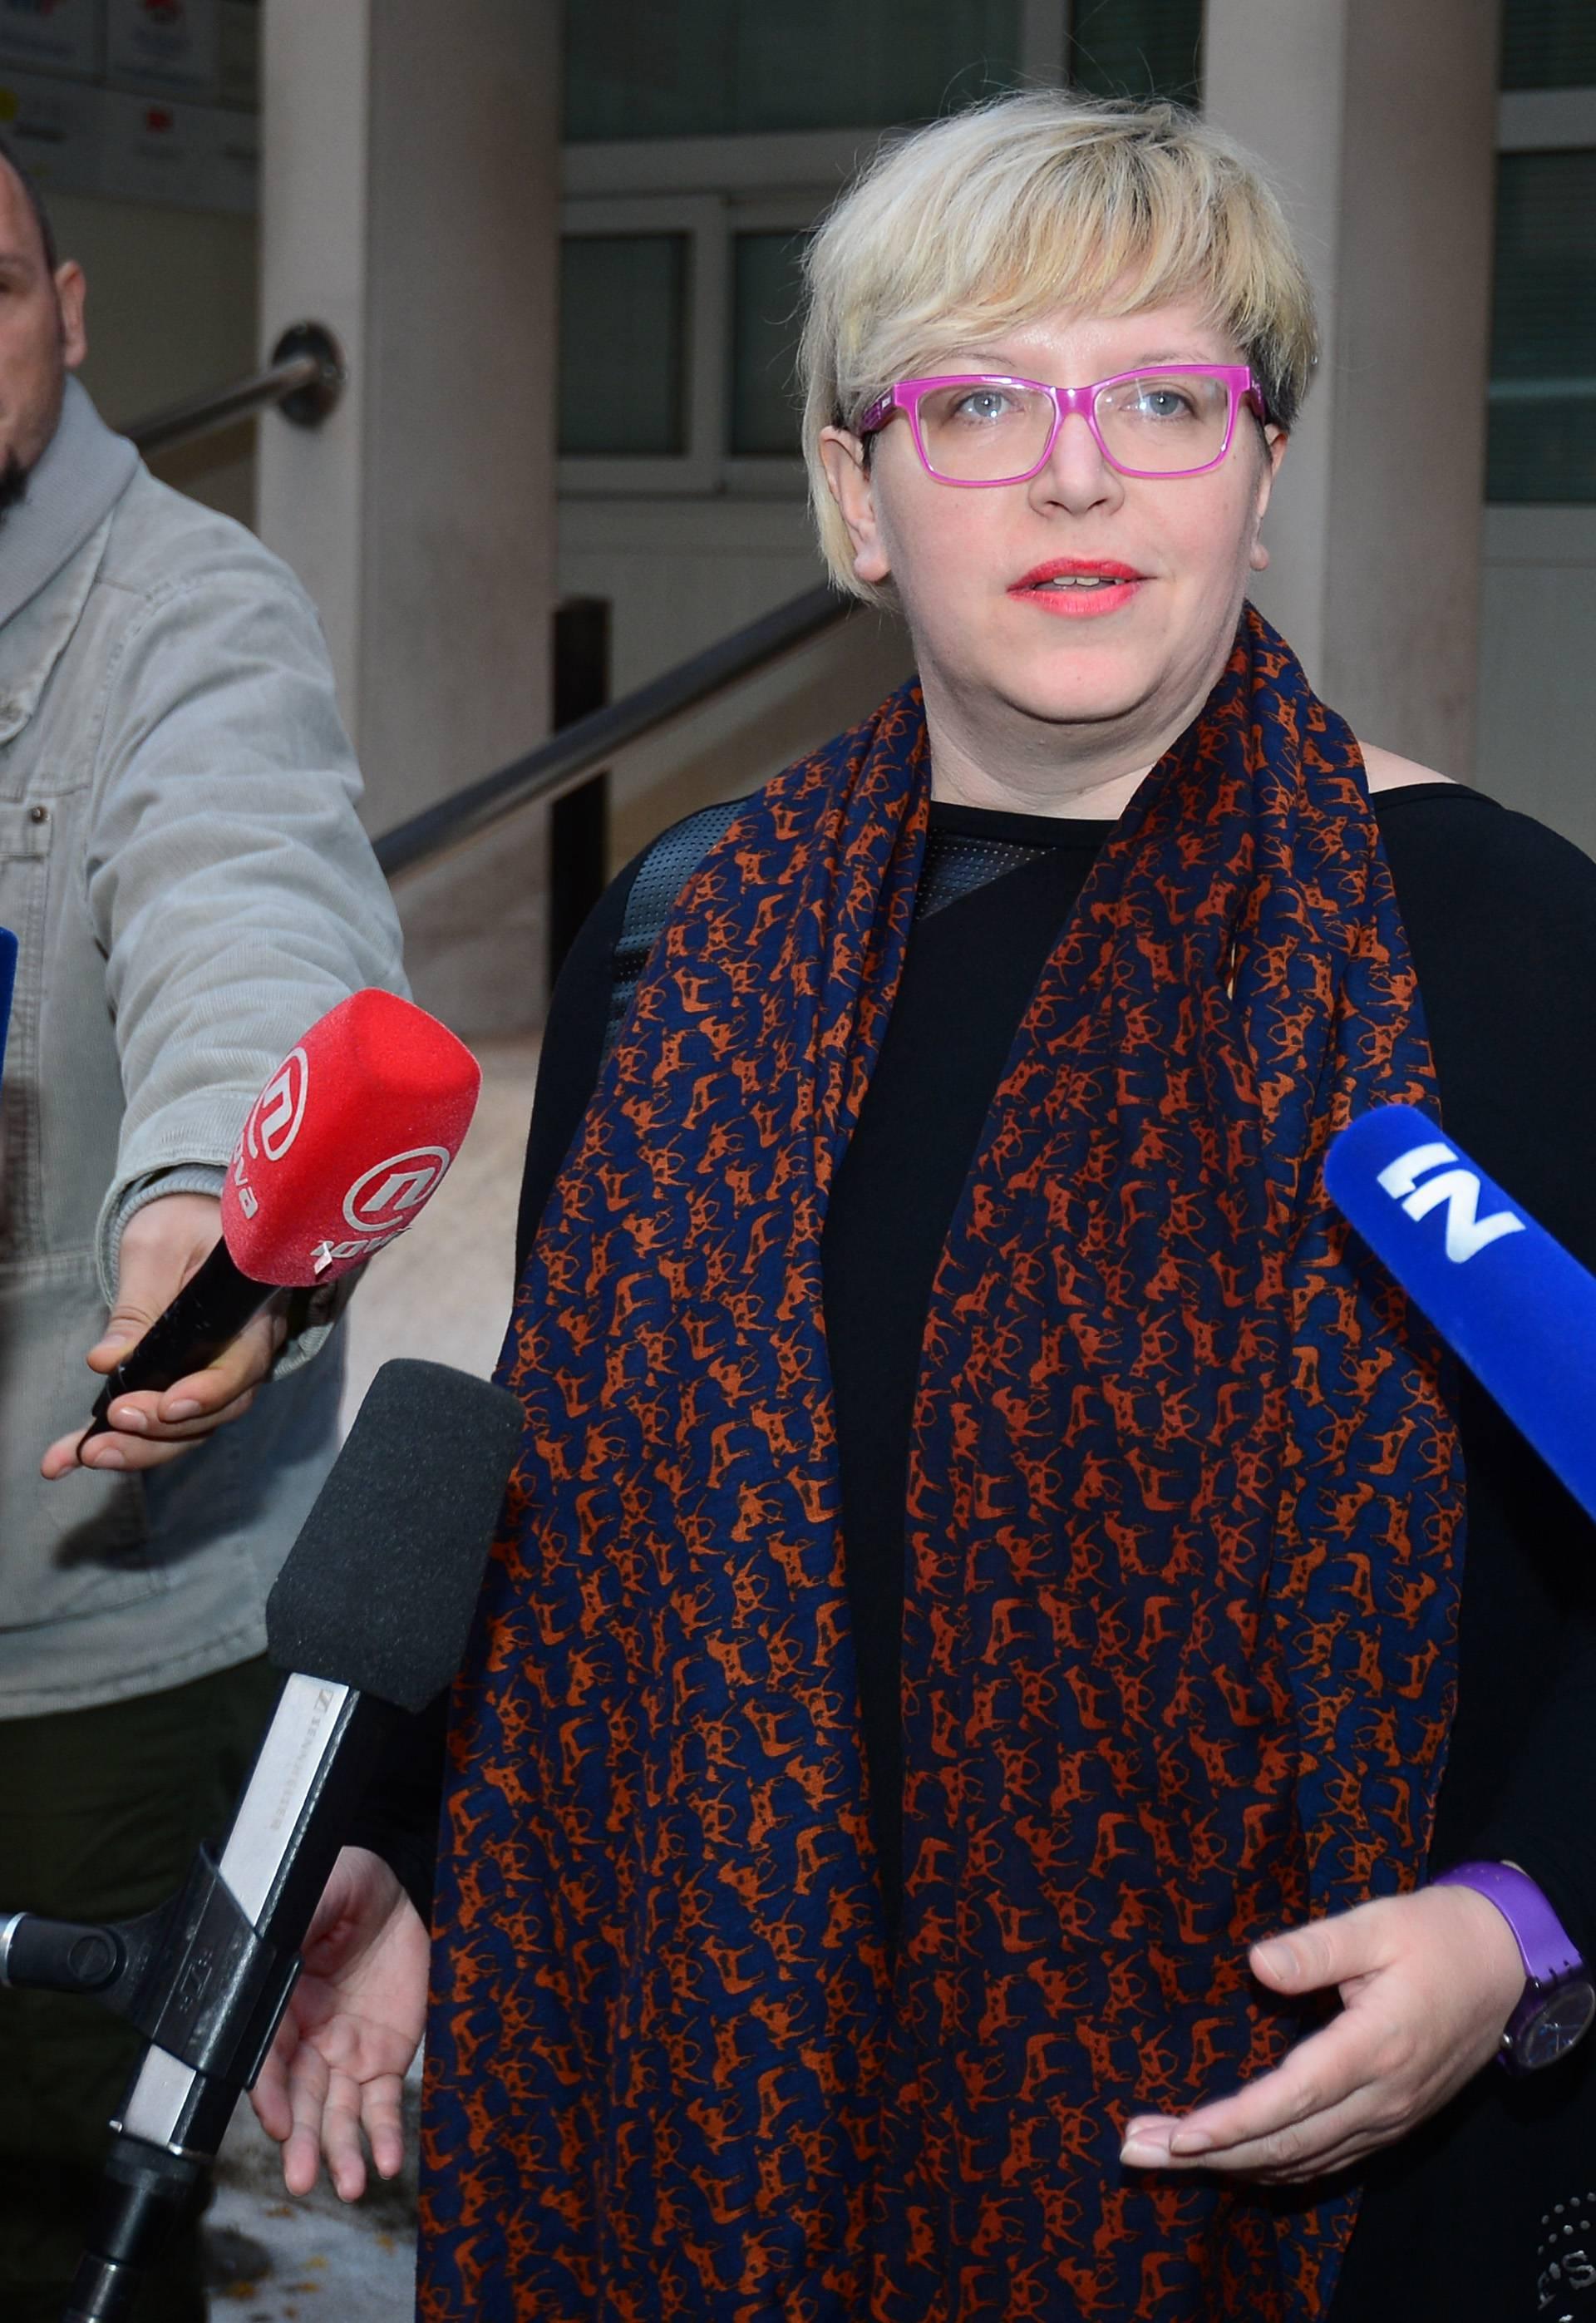 Leaković predala potpise: SDP treba mijenjati politiku, ne ime